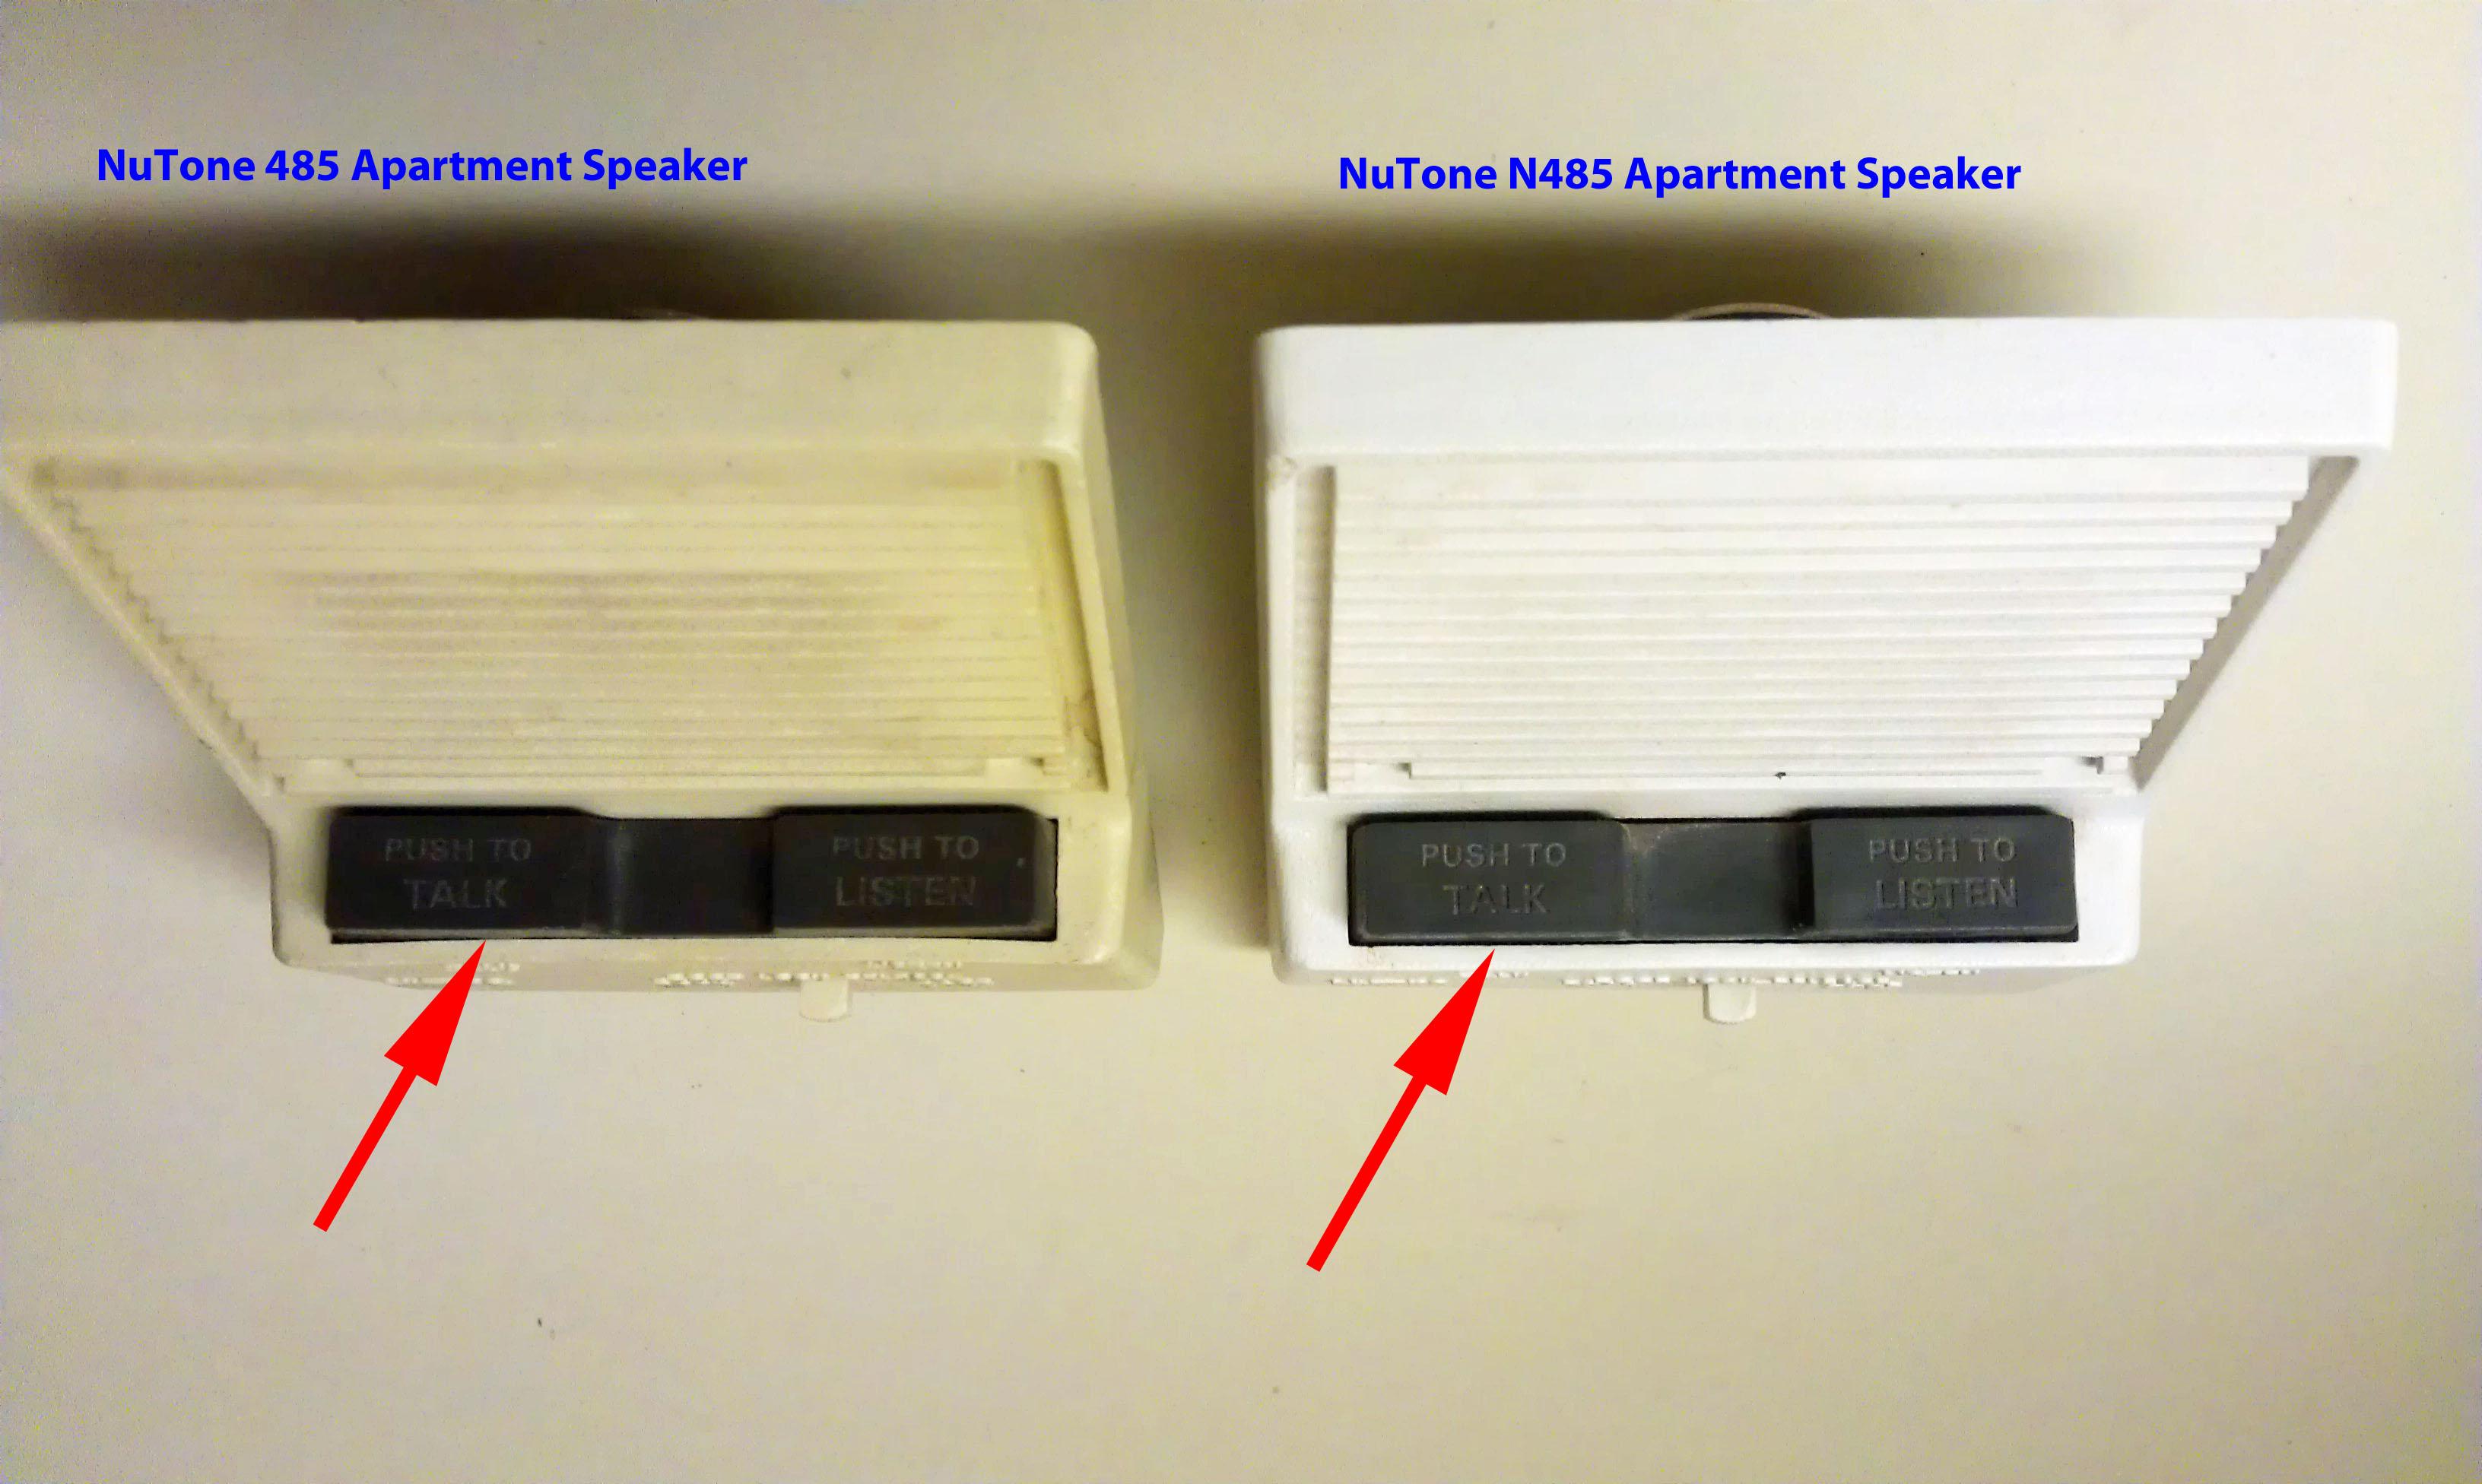 Site - Apartment Entry Intercom Systems Nutone